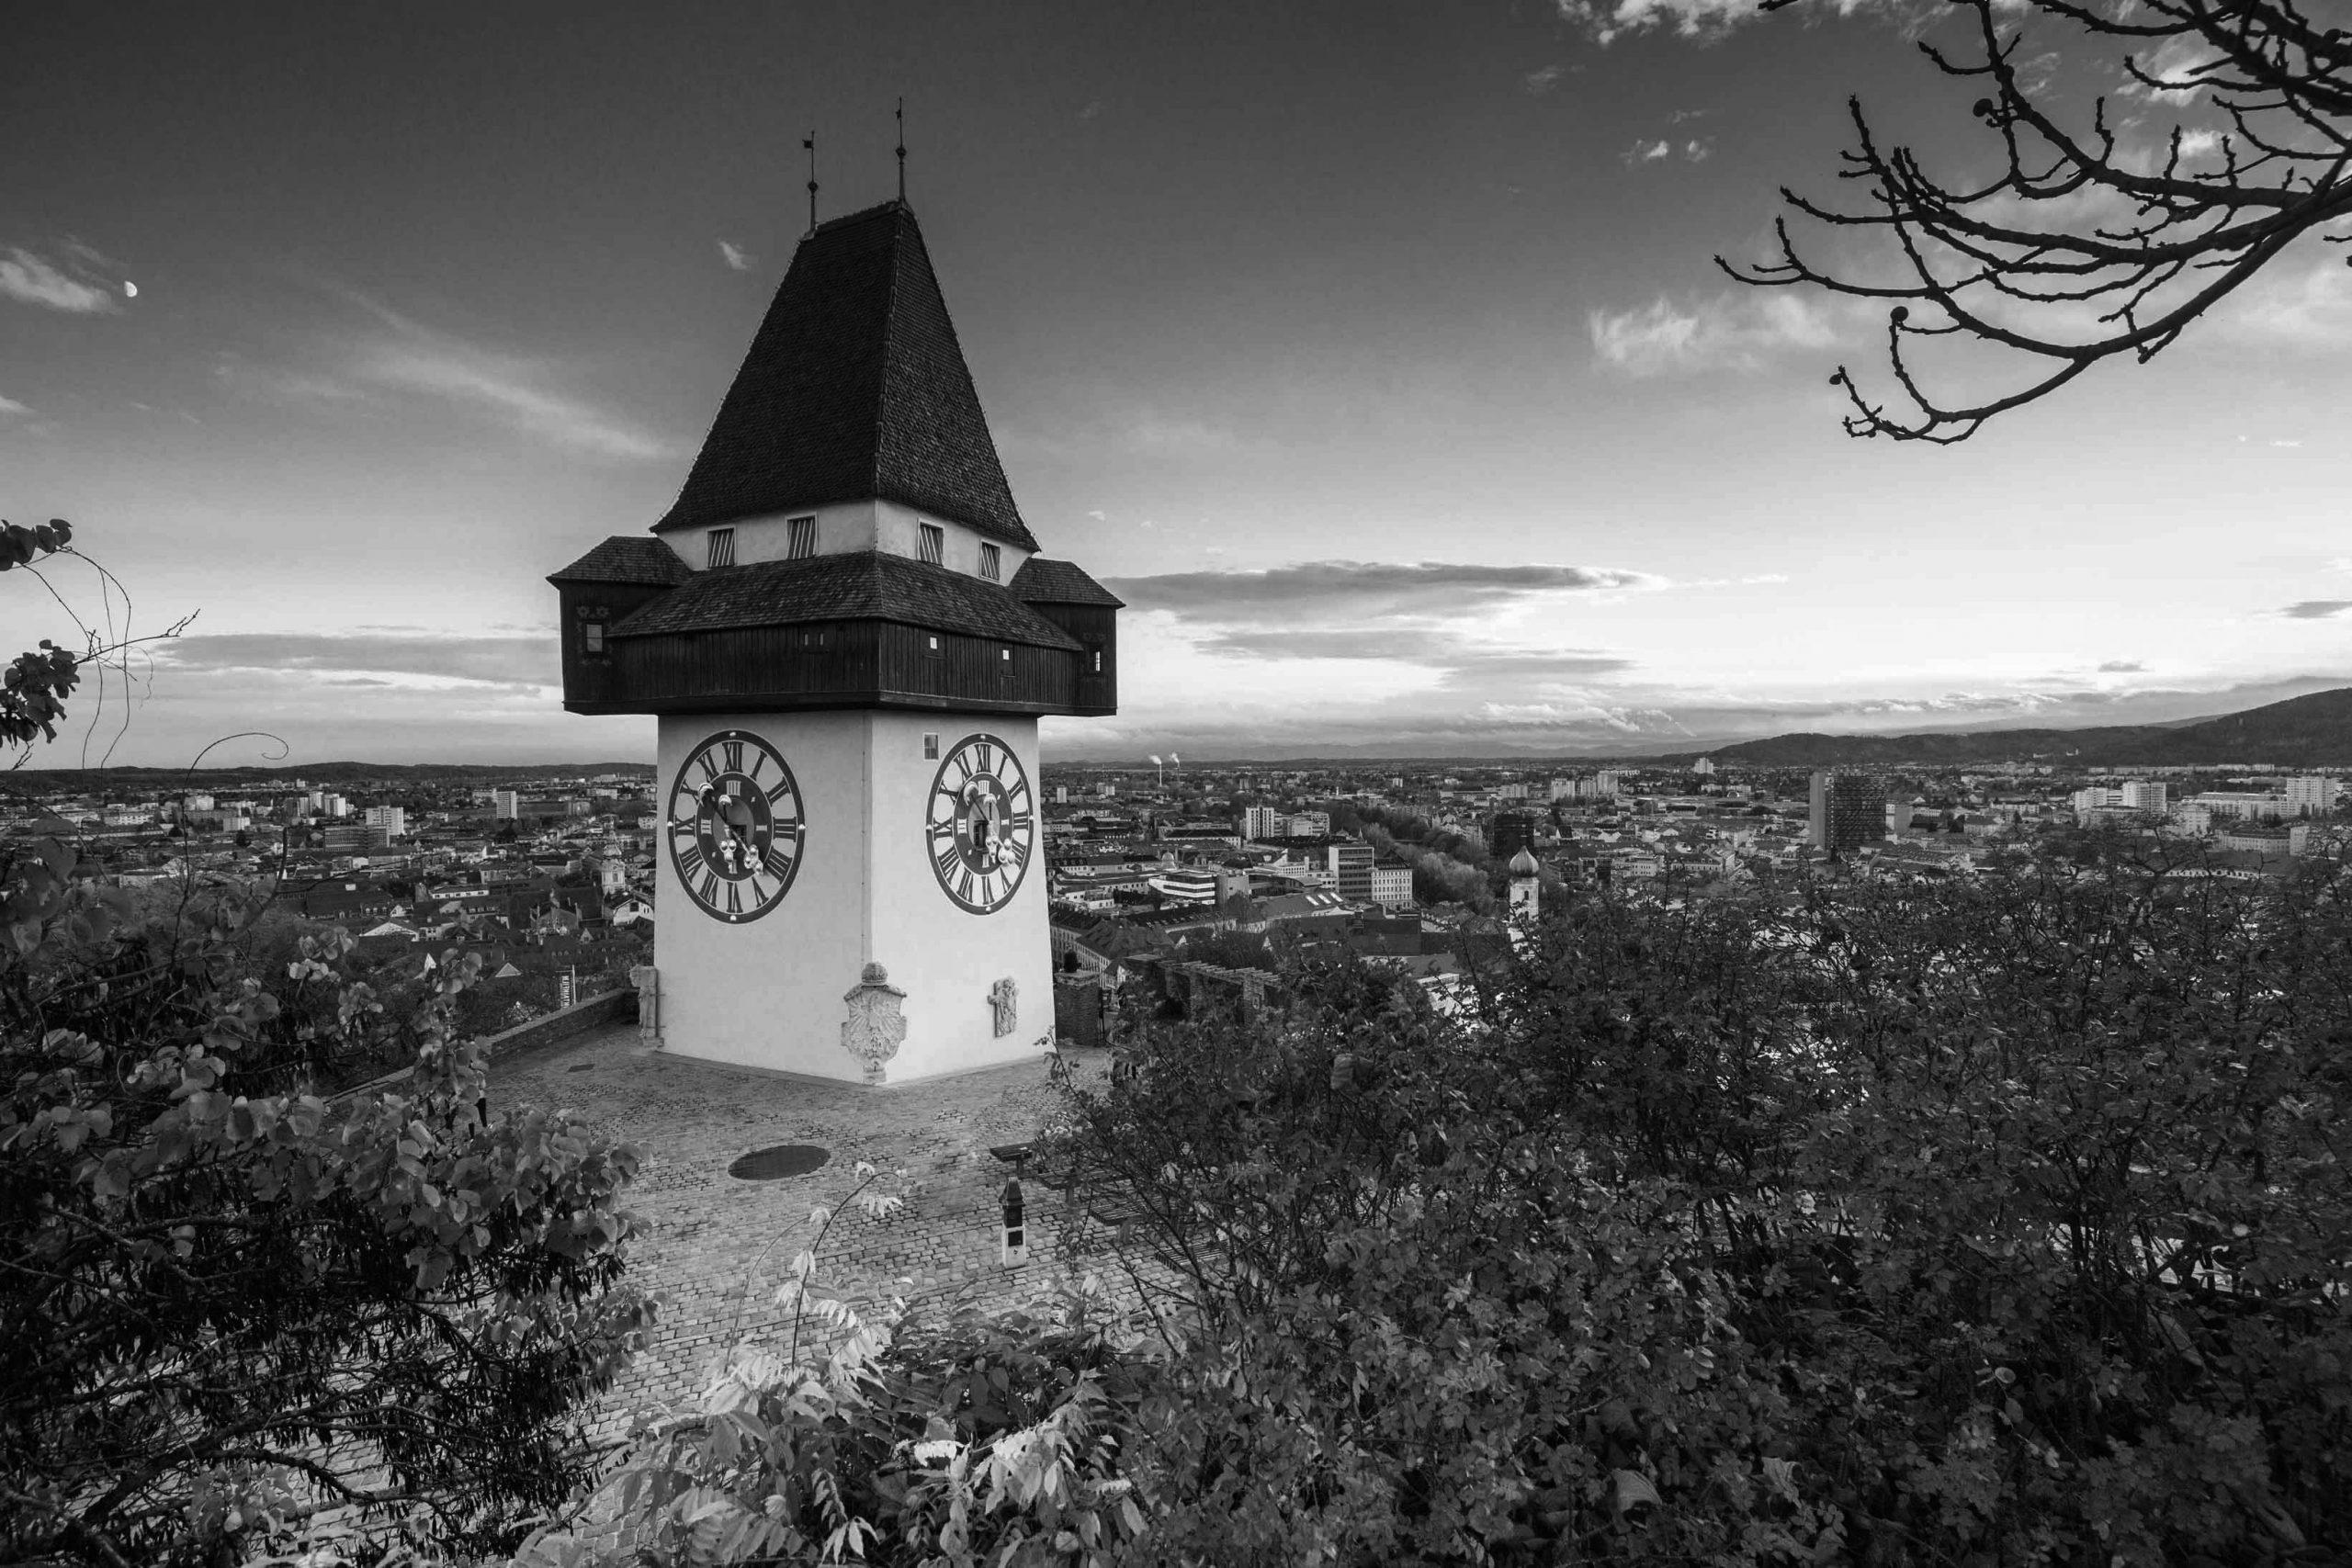 Finde deinen Traum Job in Graz auf Jokira - Friseurjobagent dem Karriereportal für Friseure.